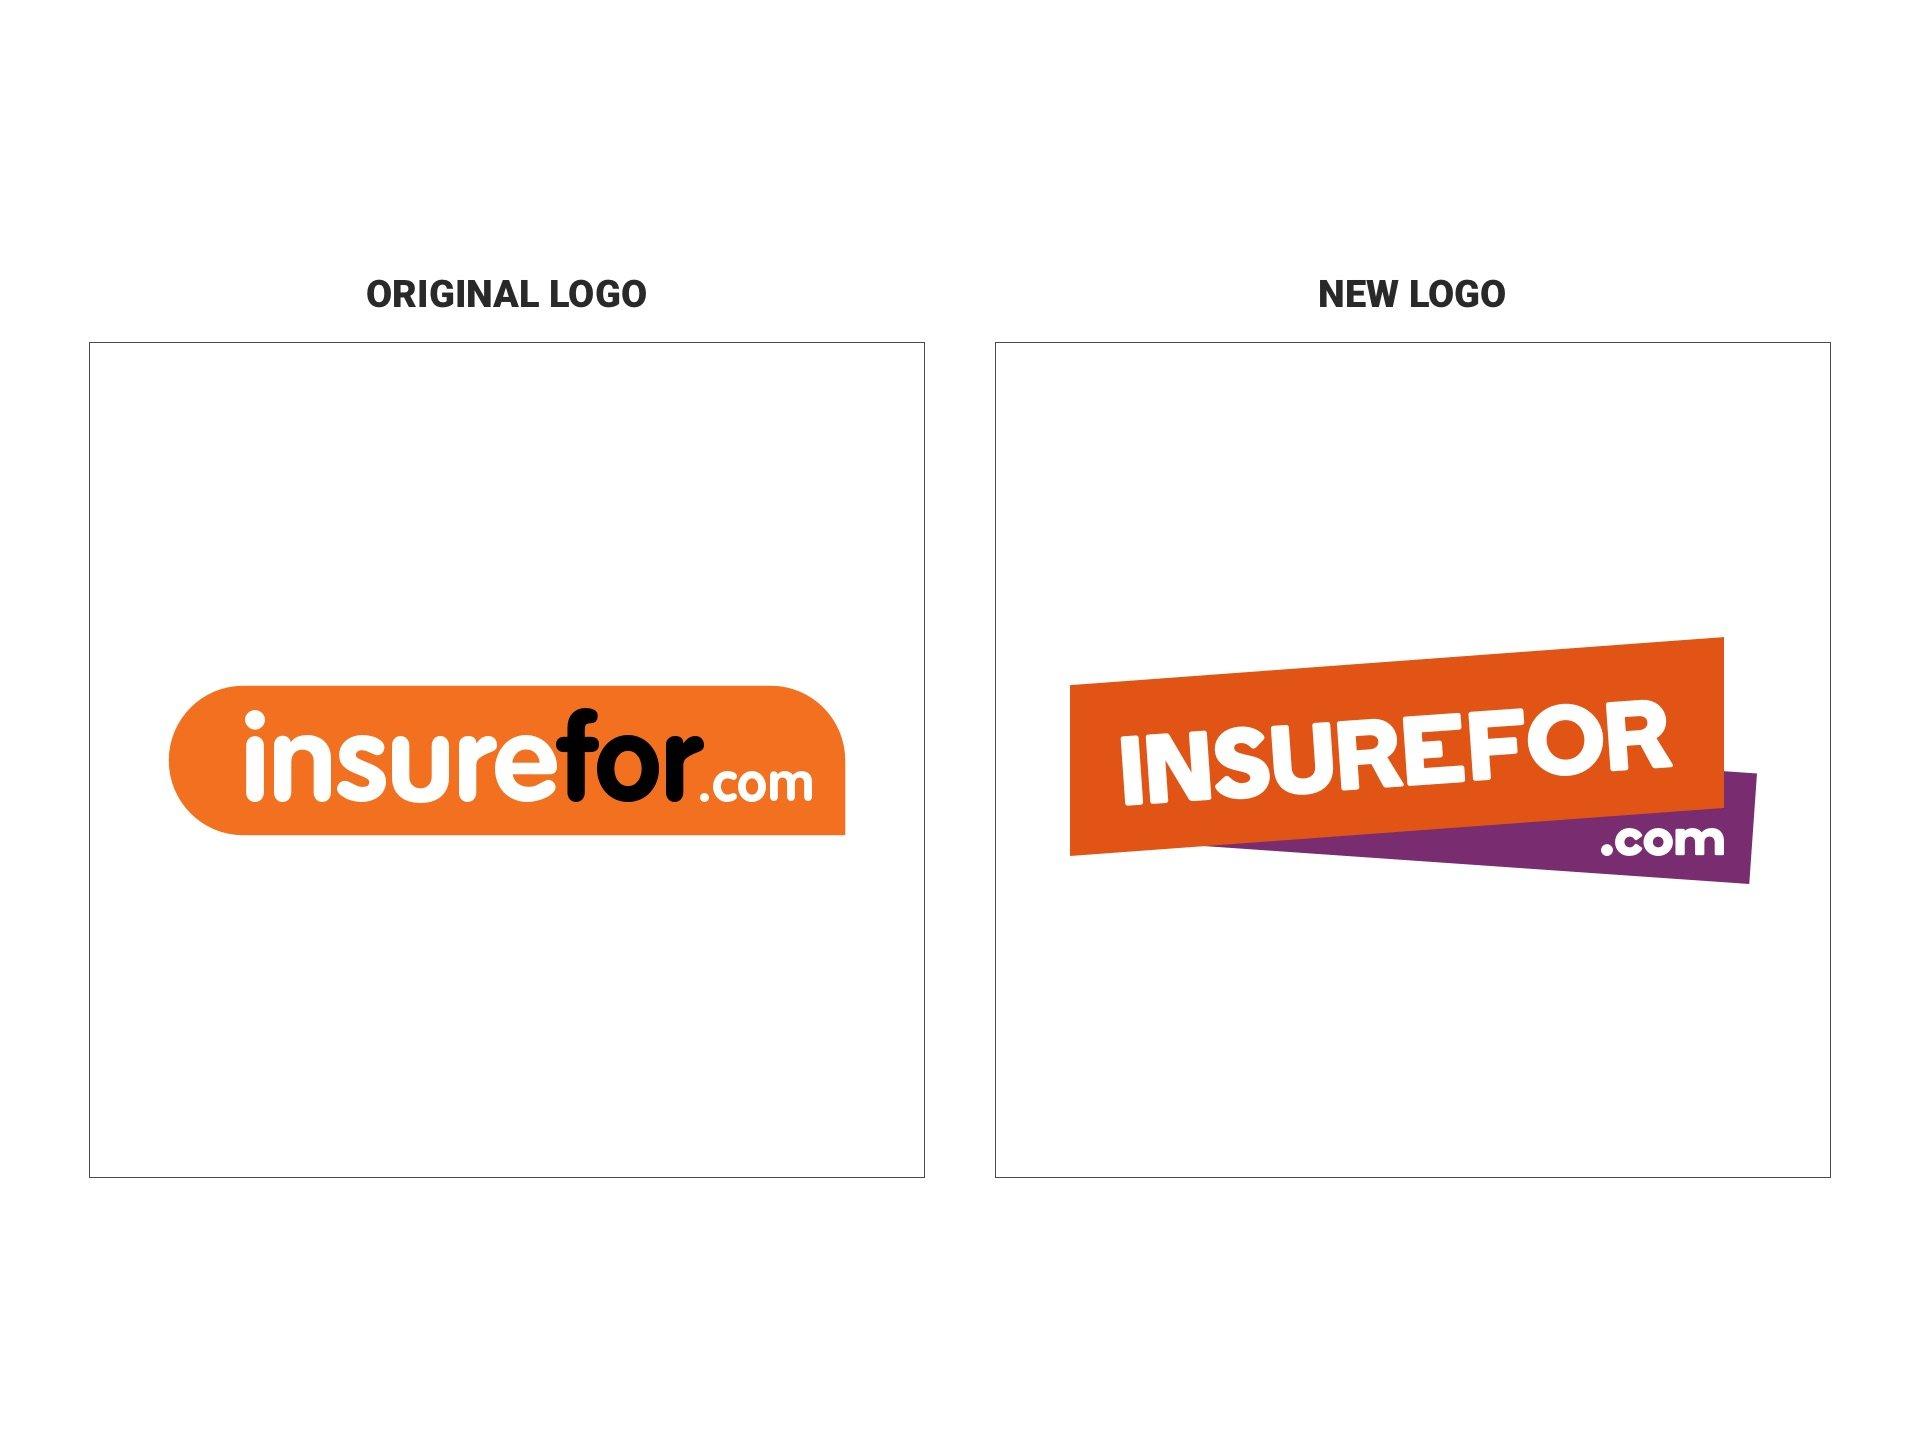 New insurefor.com logo design